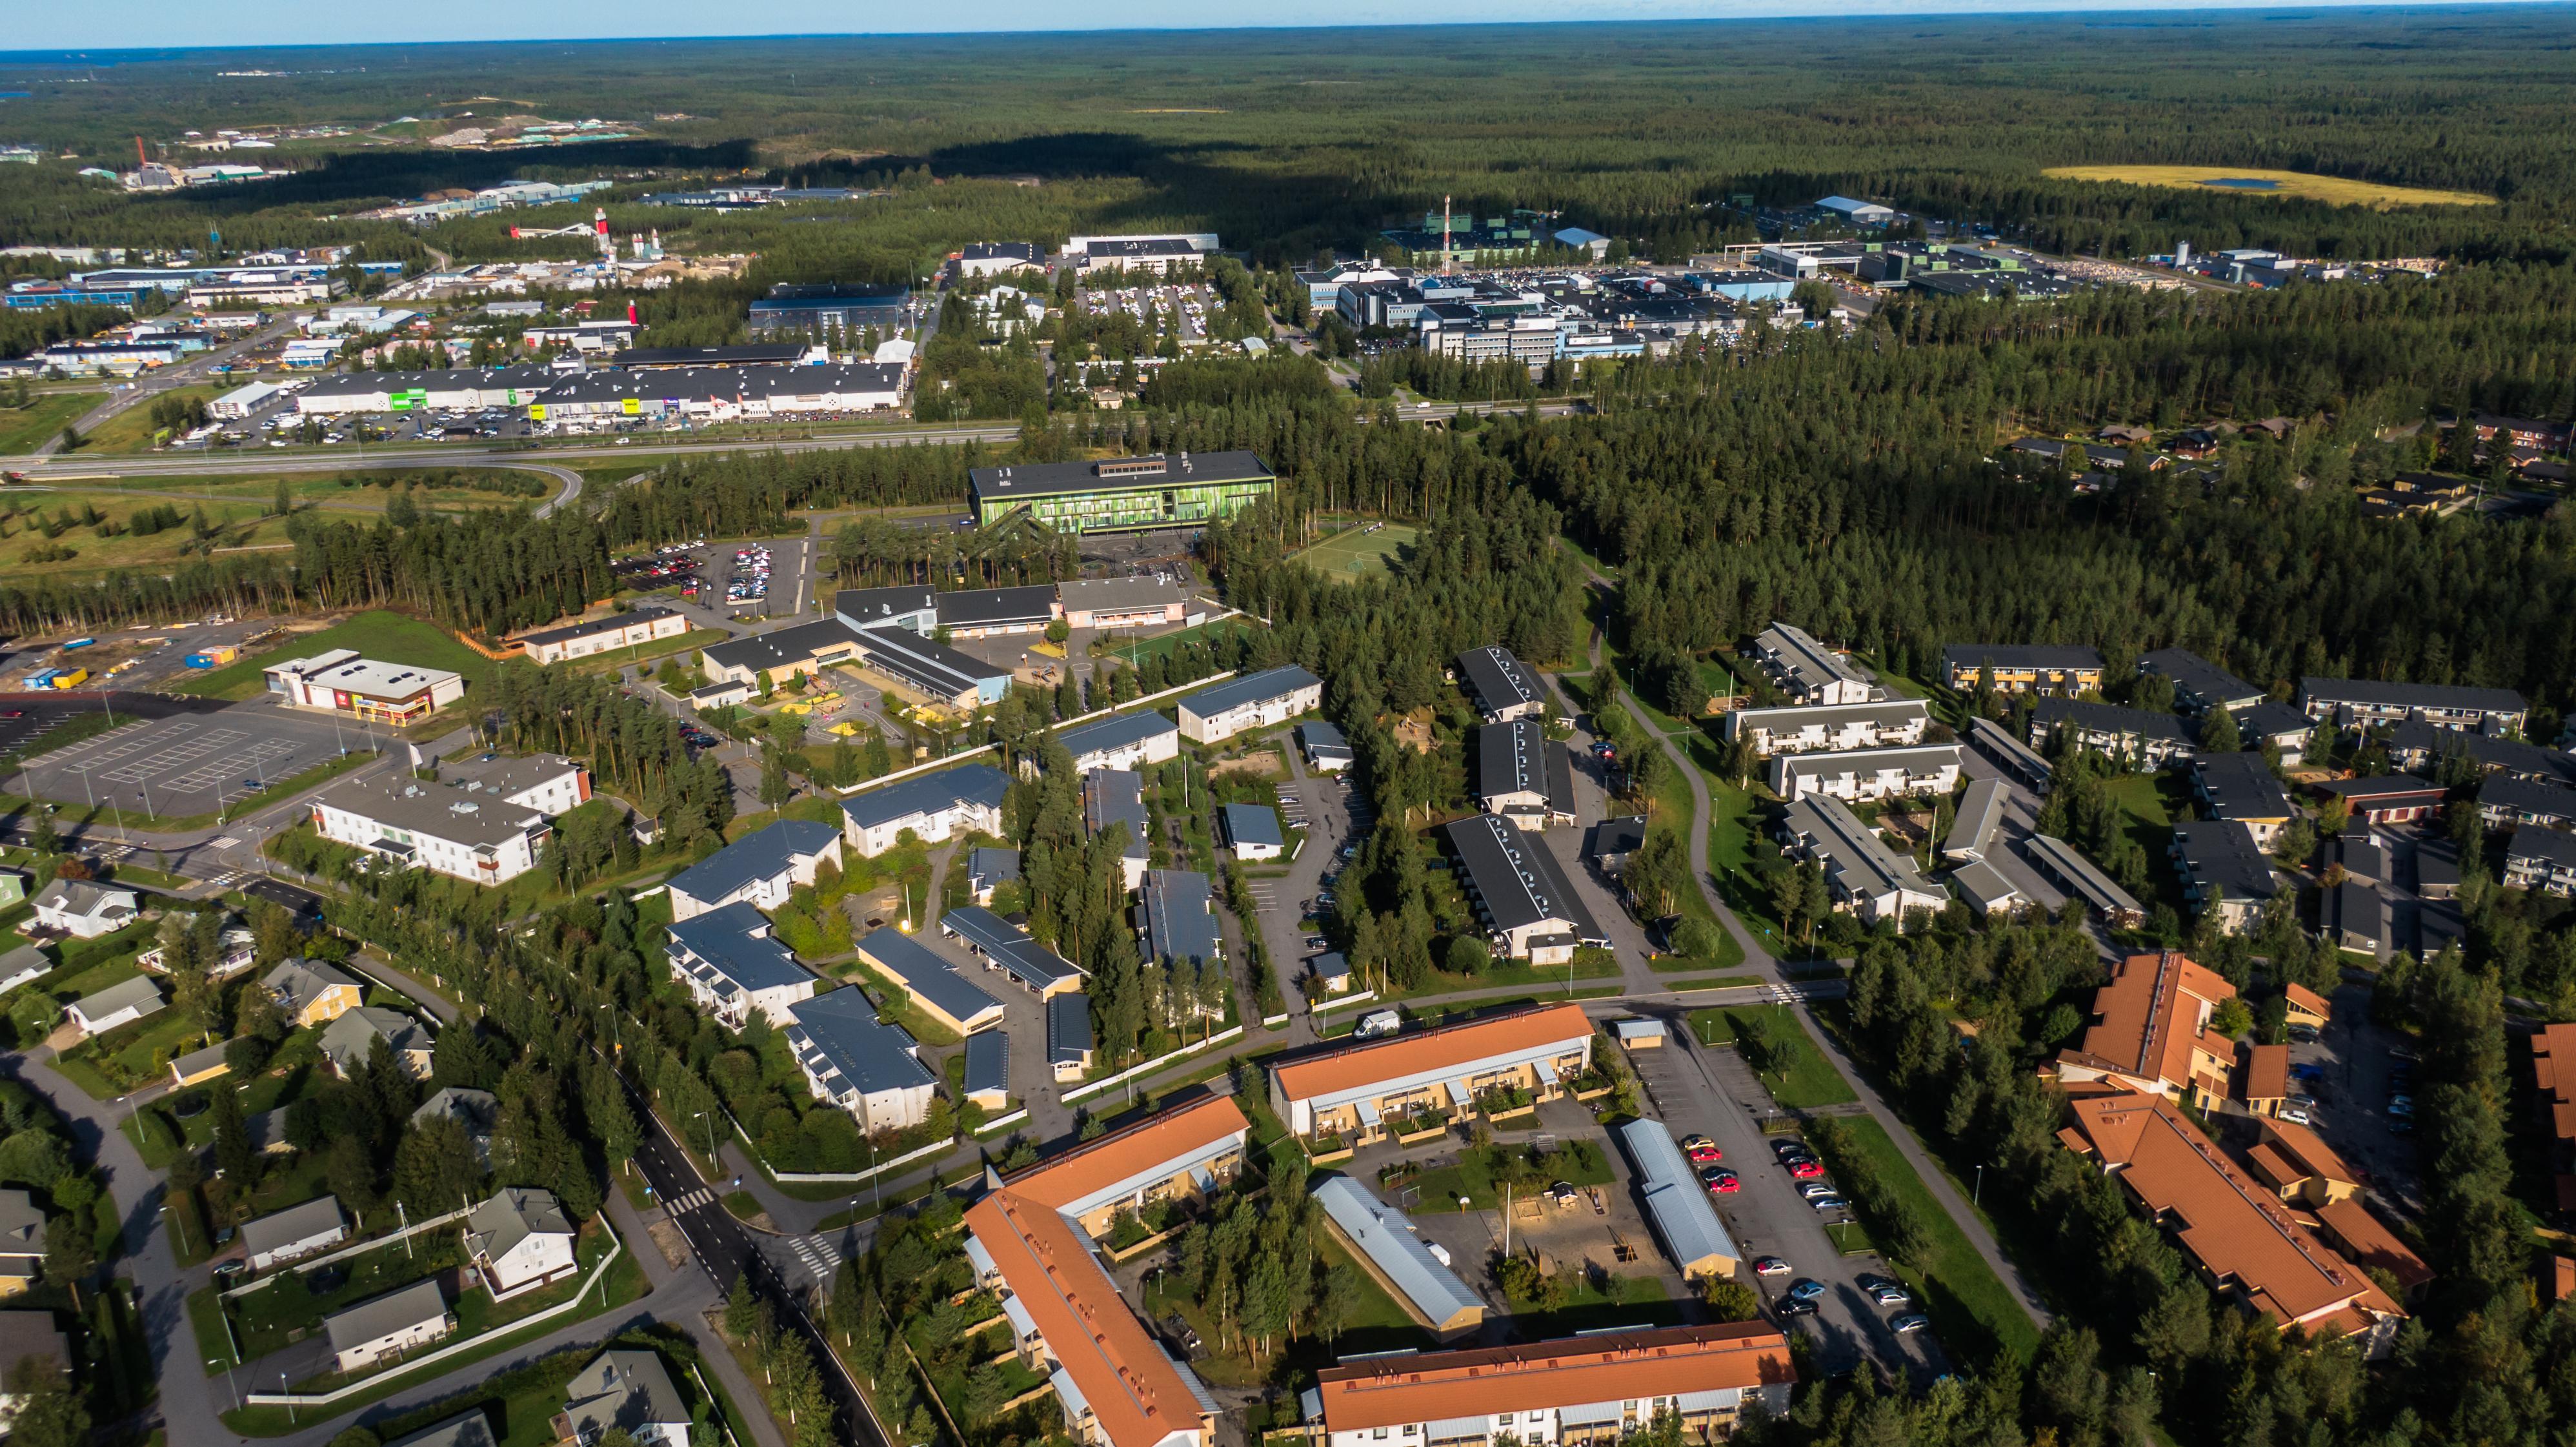 Ilmasta otettu kuva Oulun Talvikankaalta. Monipuolista rakennuskantaa. Taustalla metsämaisemaa.